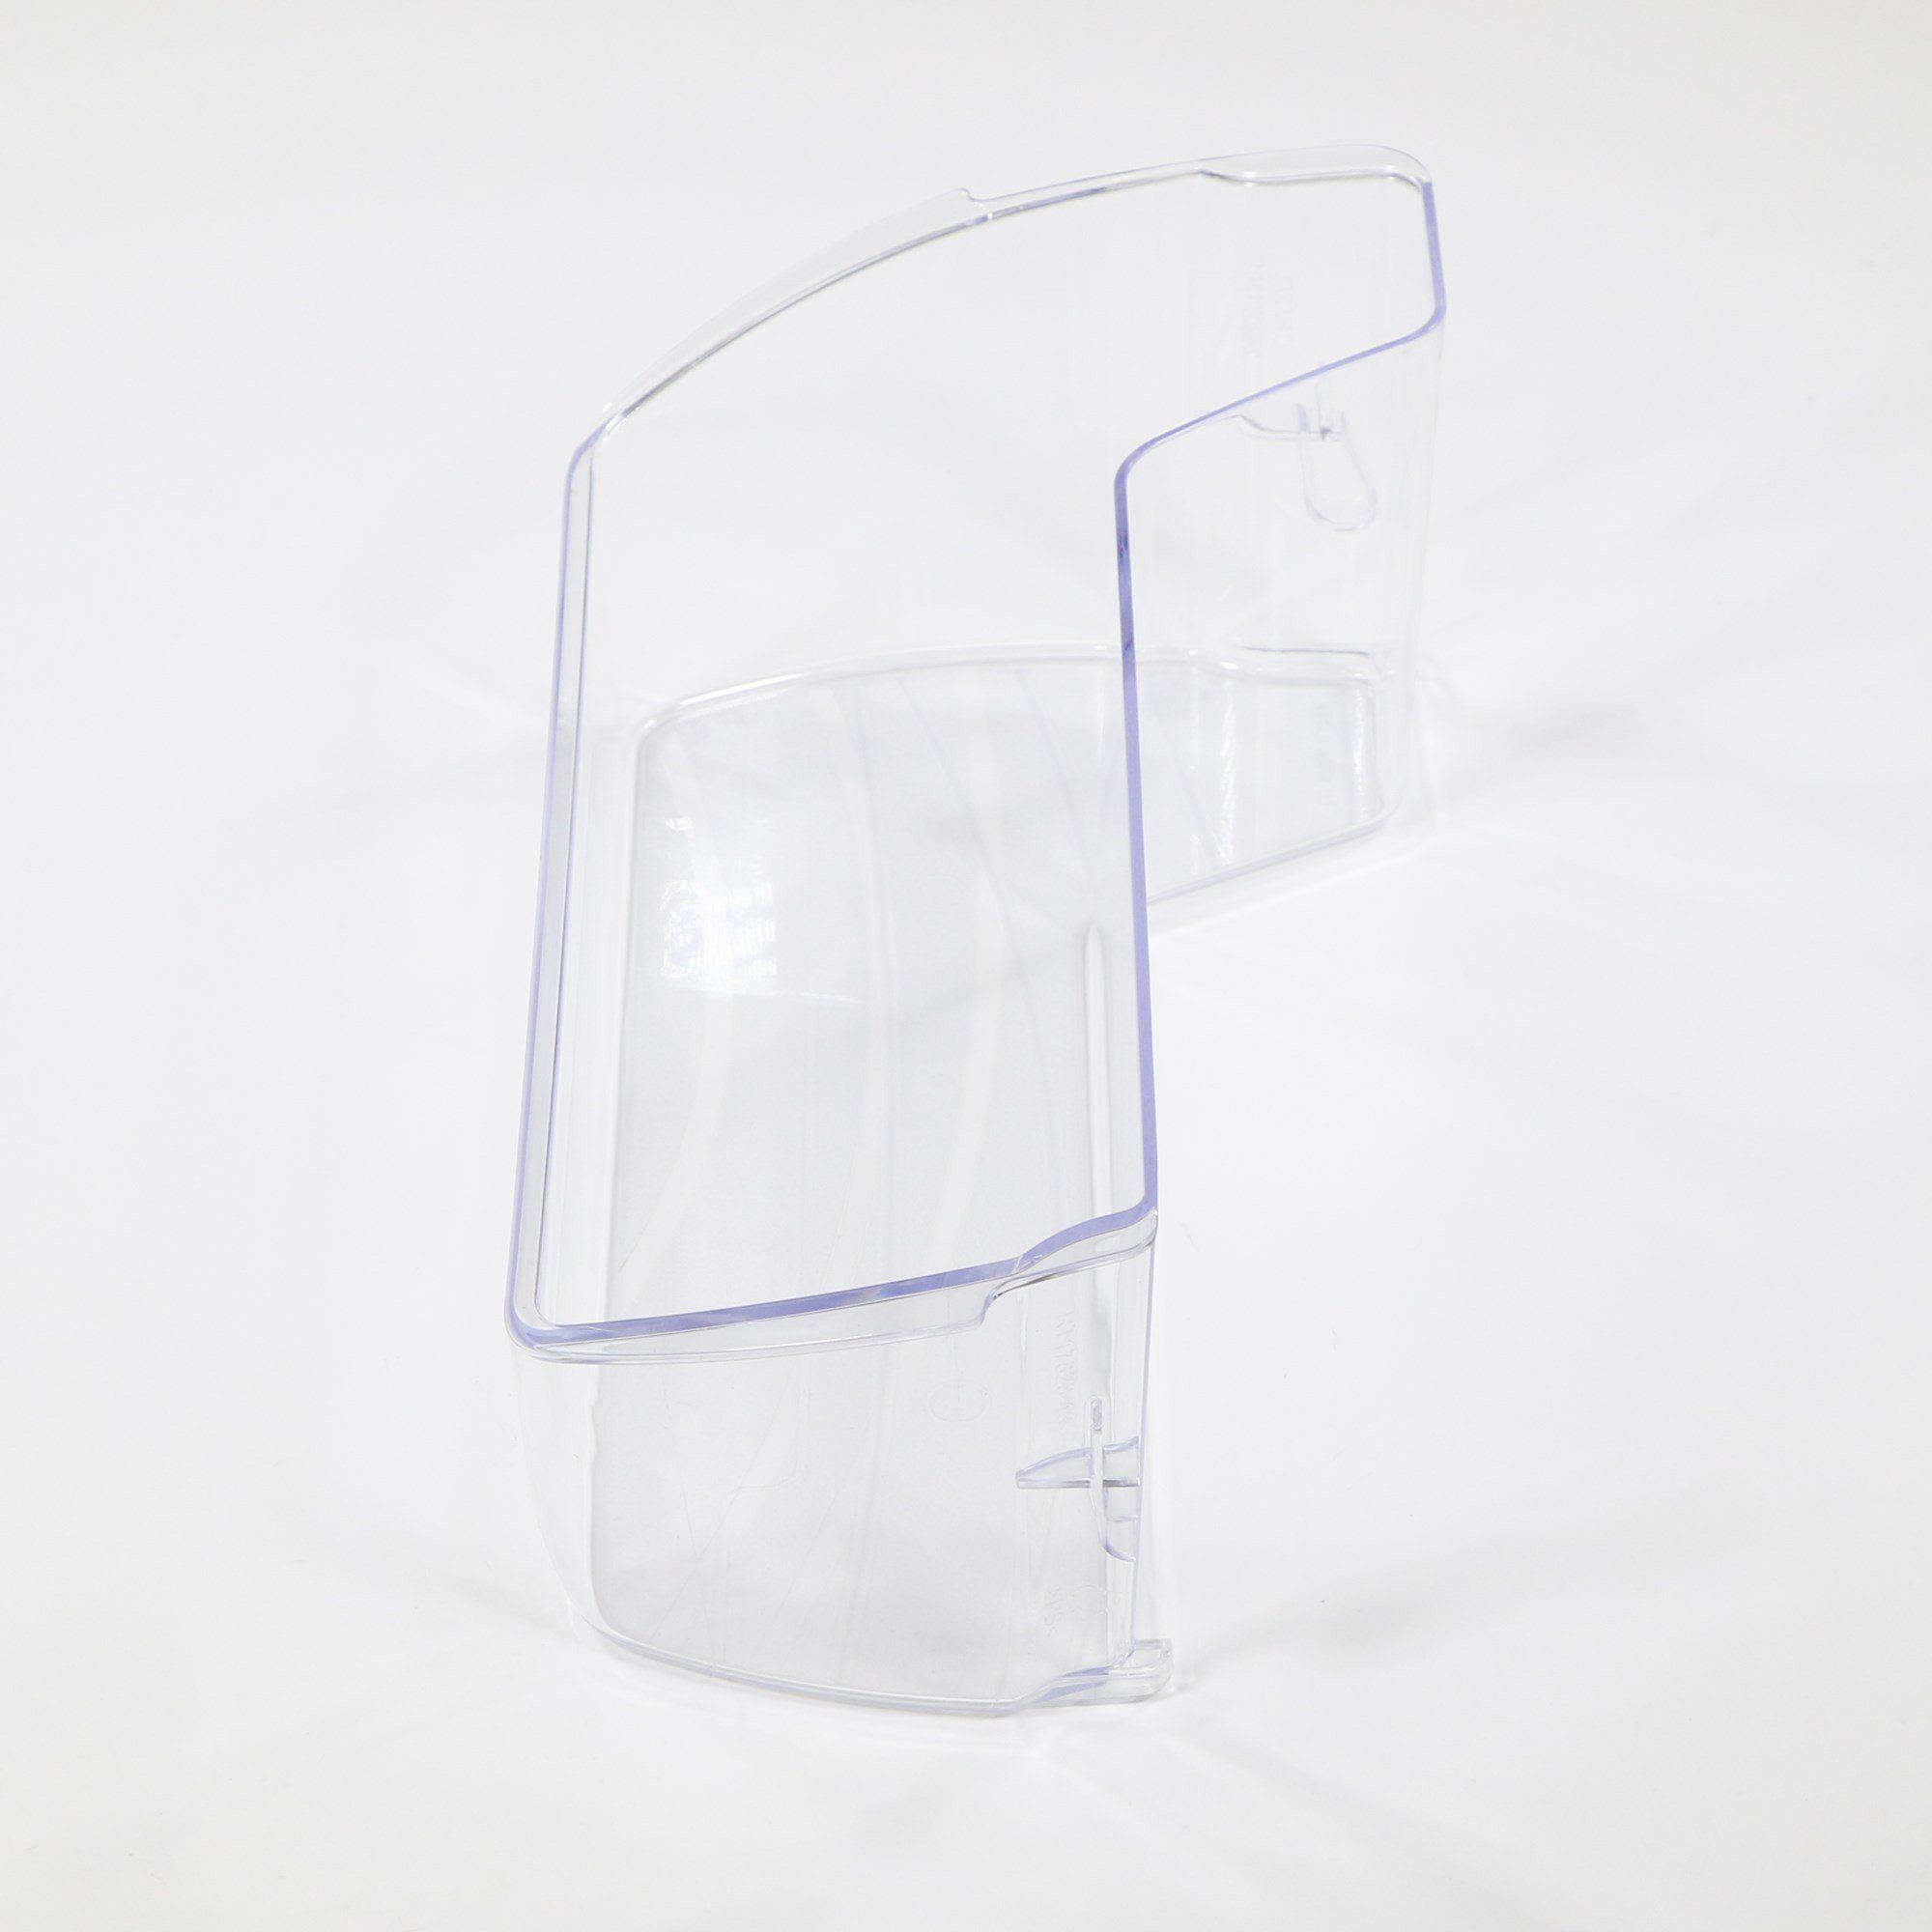 242071301 For Frigidaire Refrigerator Door Shelf Bin